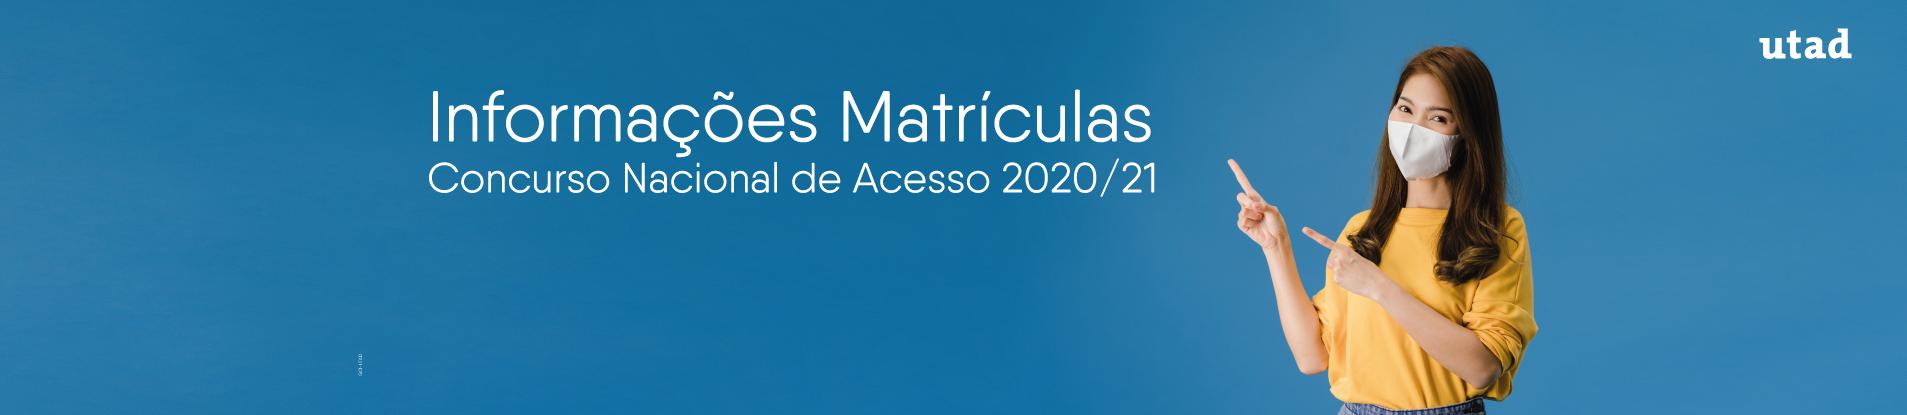 slider matriculas 2020 21